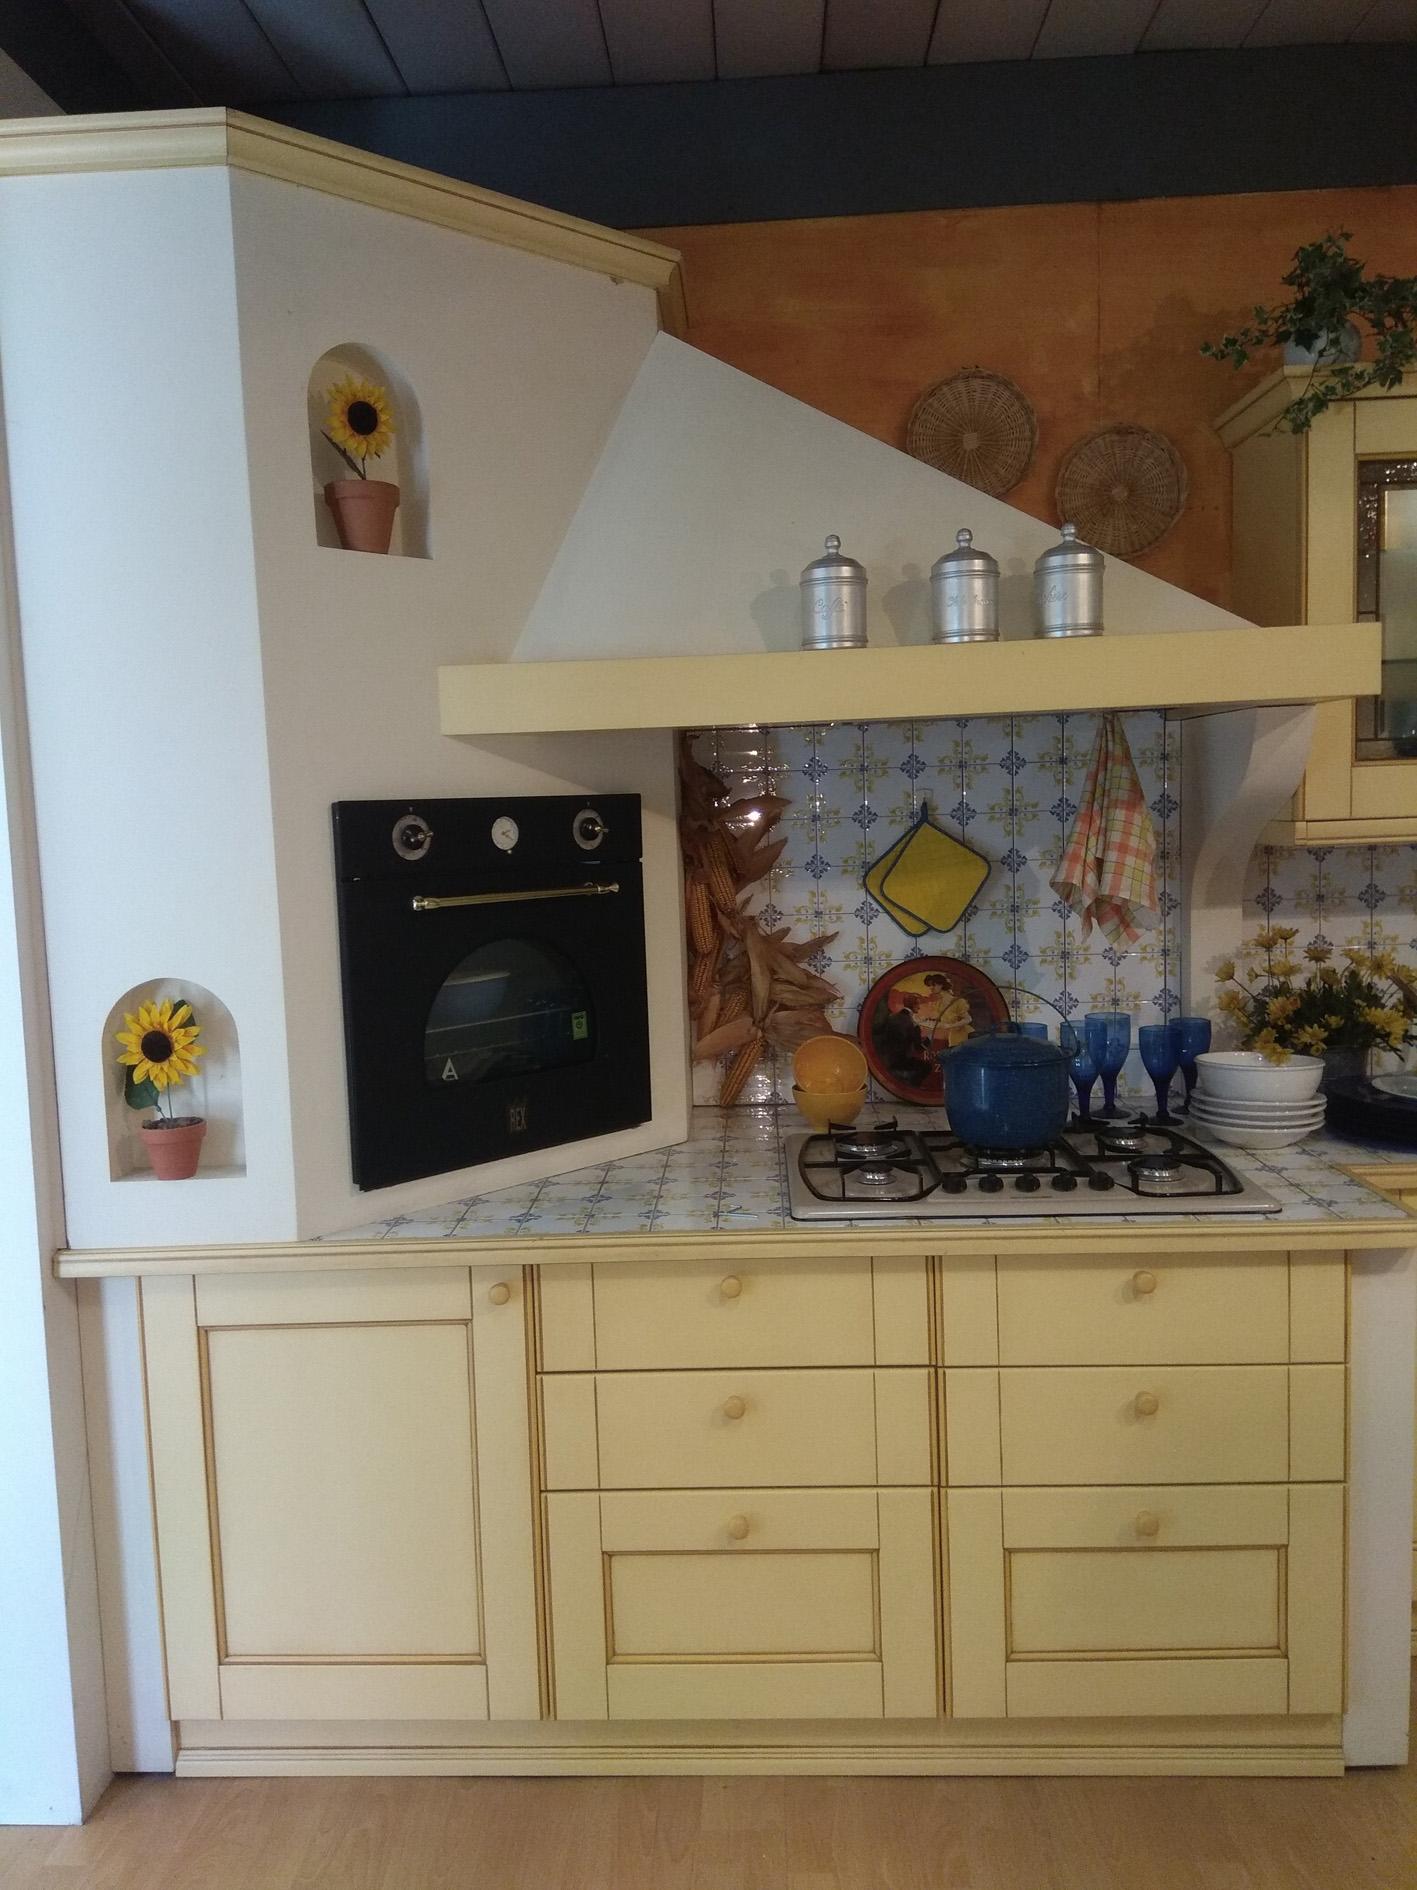 Cucina astra in muratura scontata cucine a prezzi scontati - Cucine astra prezzi ...